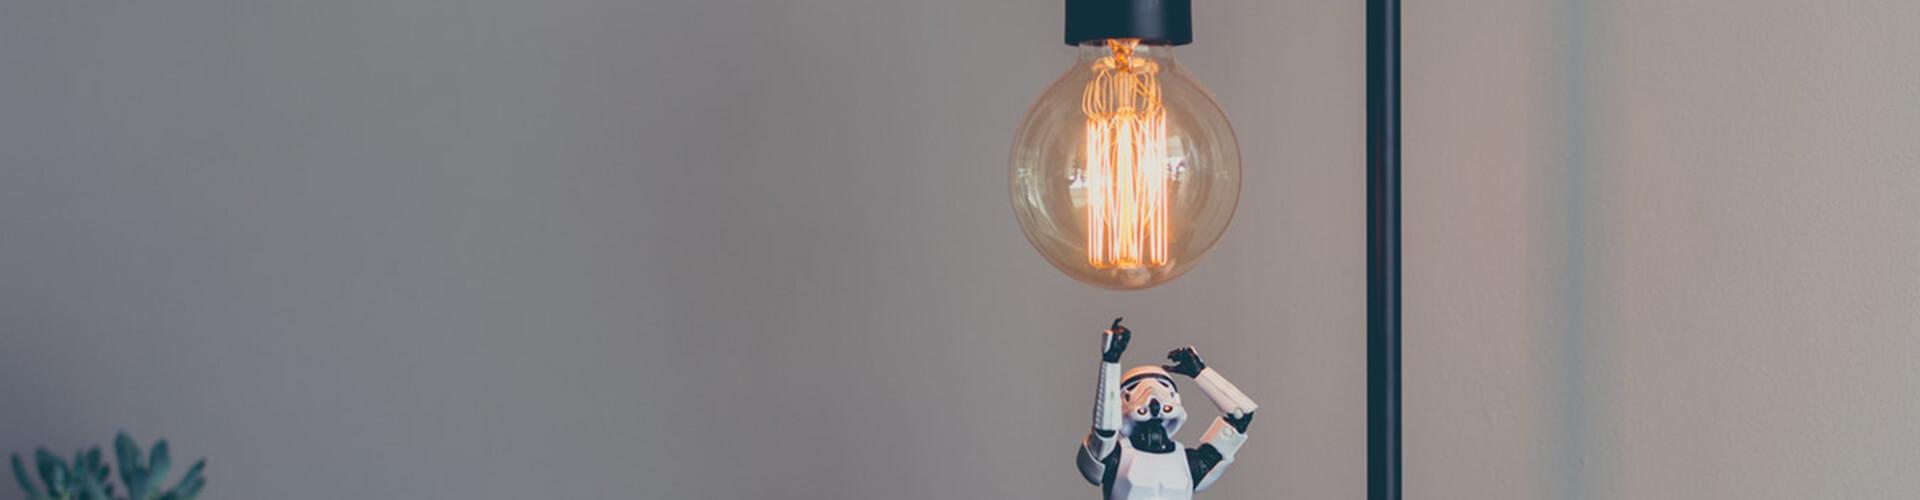 Best Lighting Features to Lighten Up Your Home